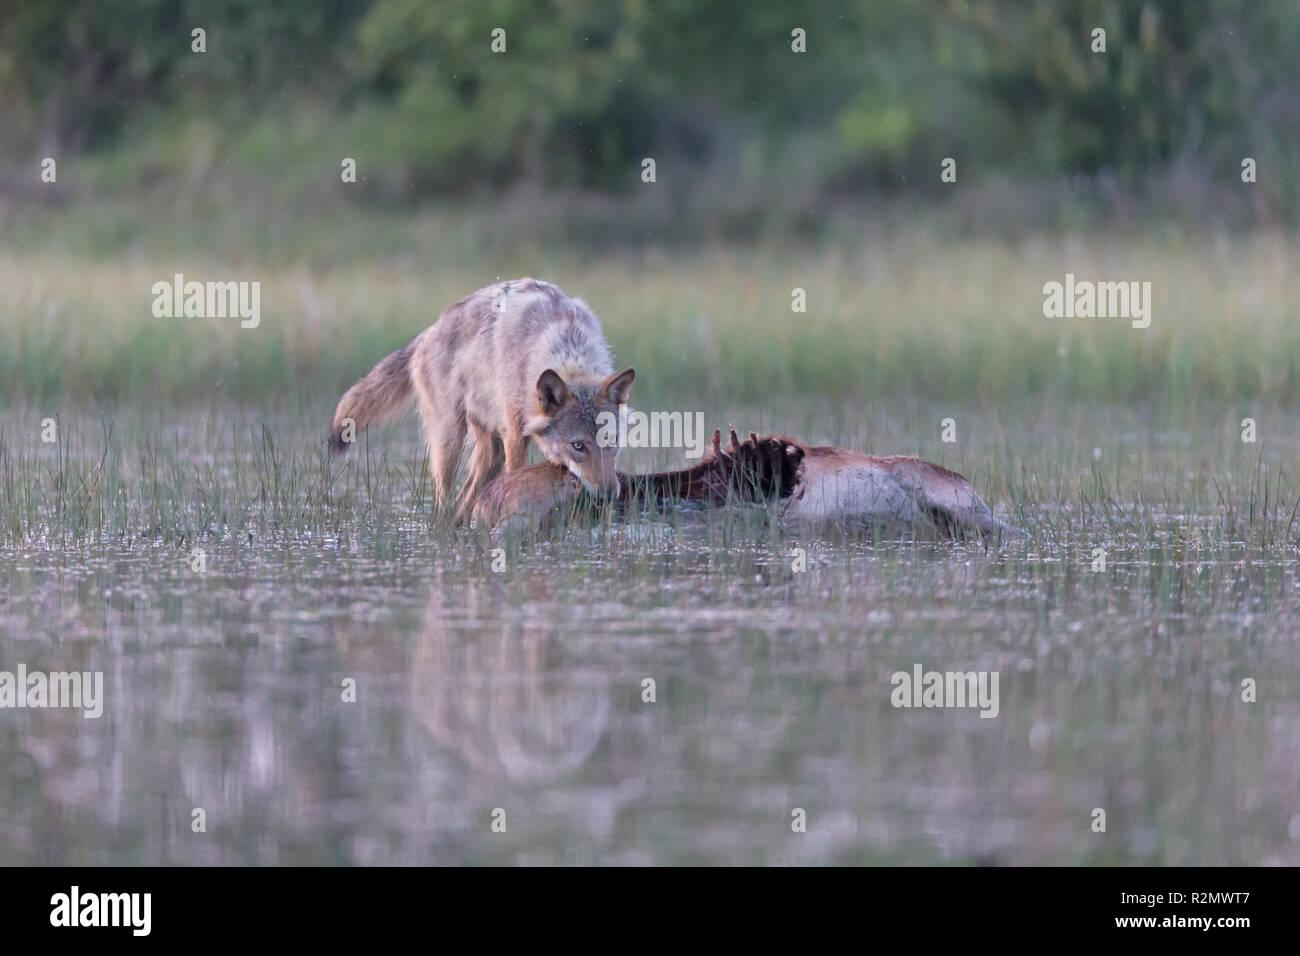 Le loup à l'état sauvage, en proie, manger Photo Stock